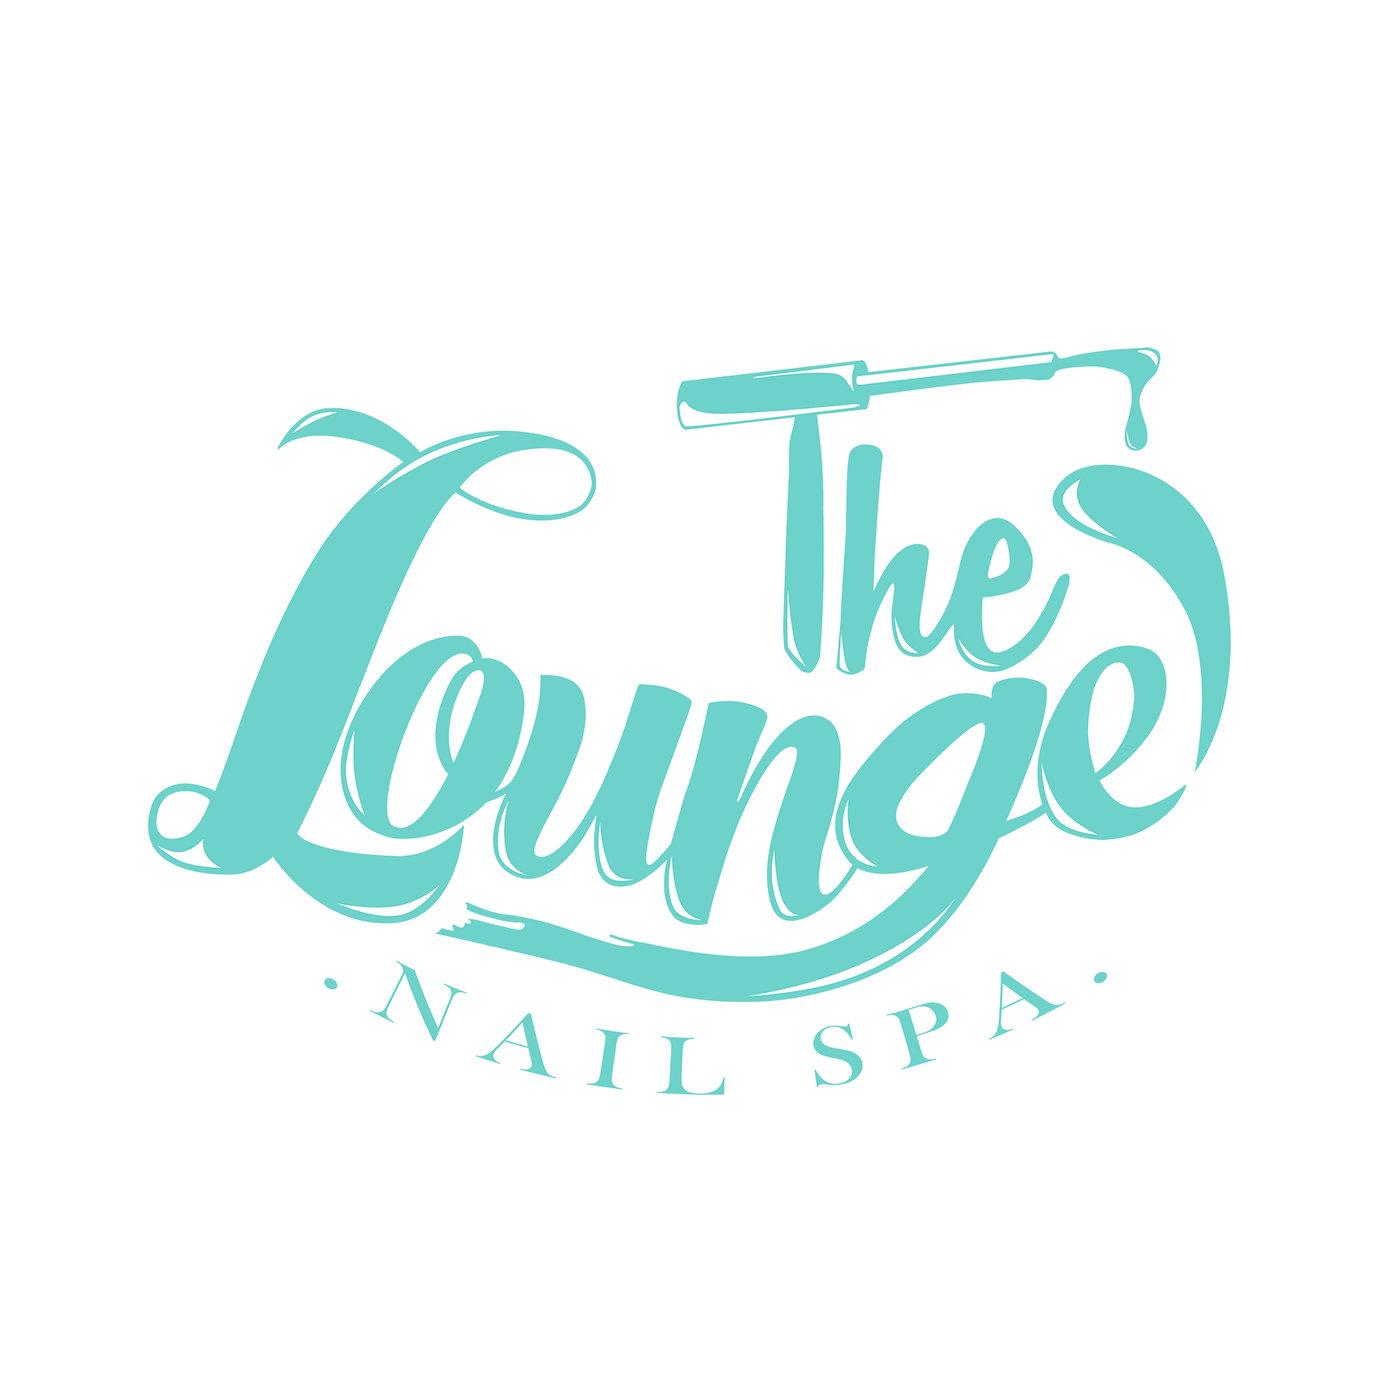 Logo Design The Lounge Nail Spa By Karina So At Coroflot